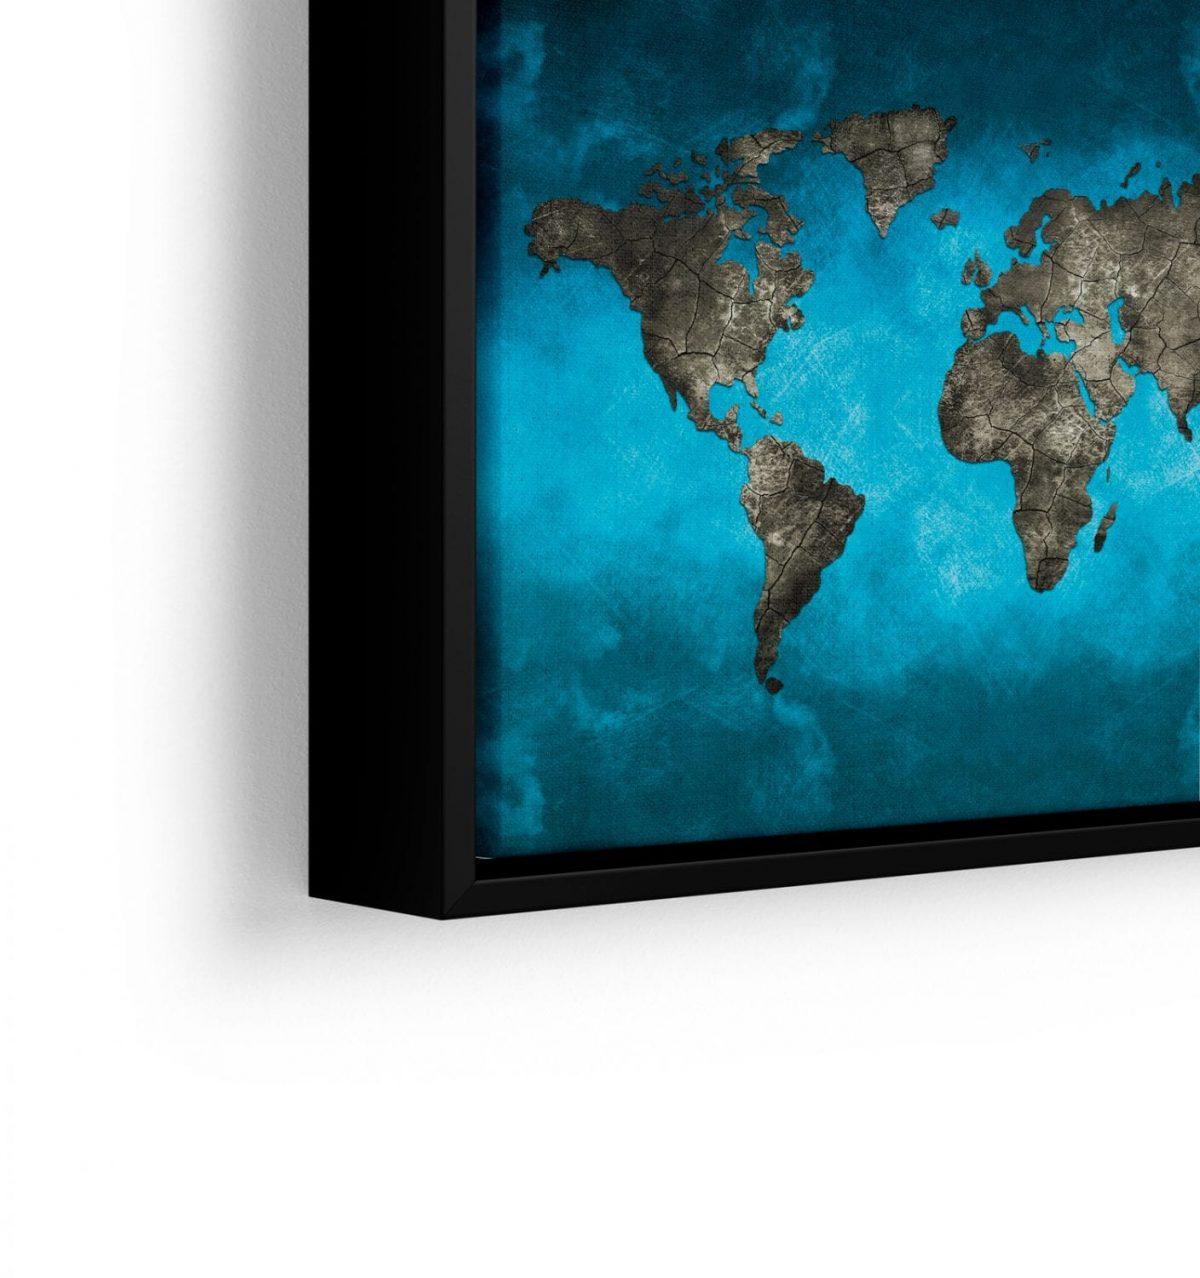 Quadro Mapa Mundi Preto e Azul em filete com detalhe a esquerda